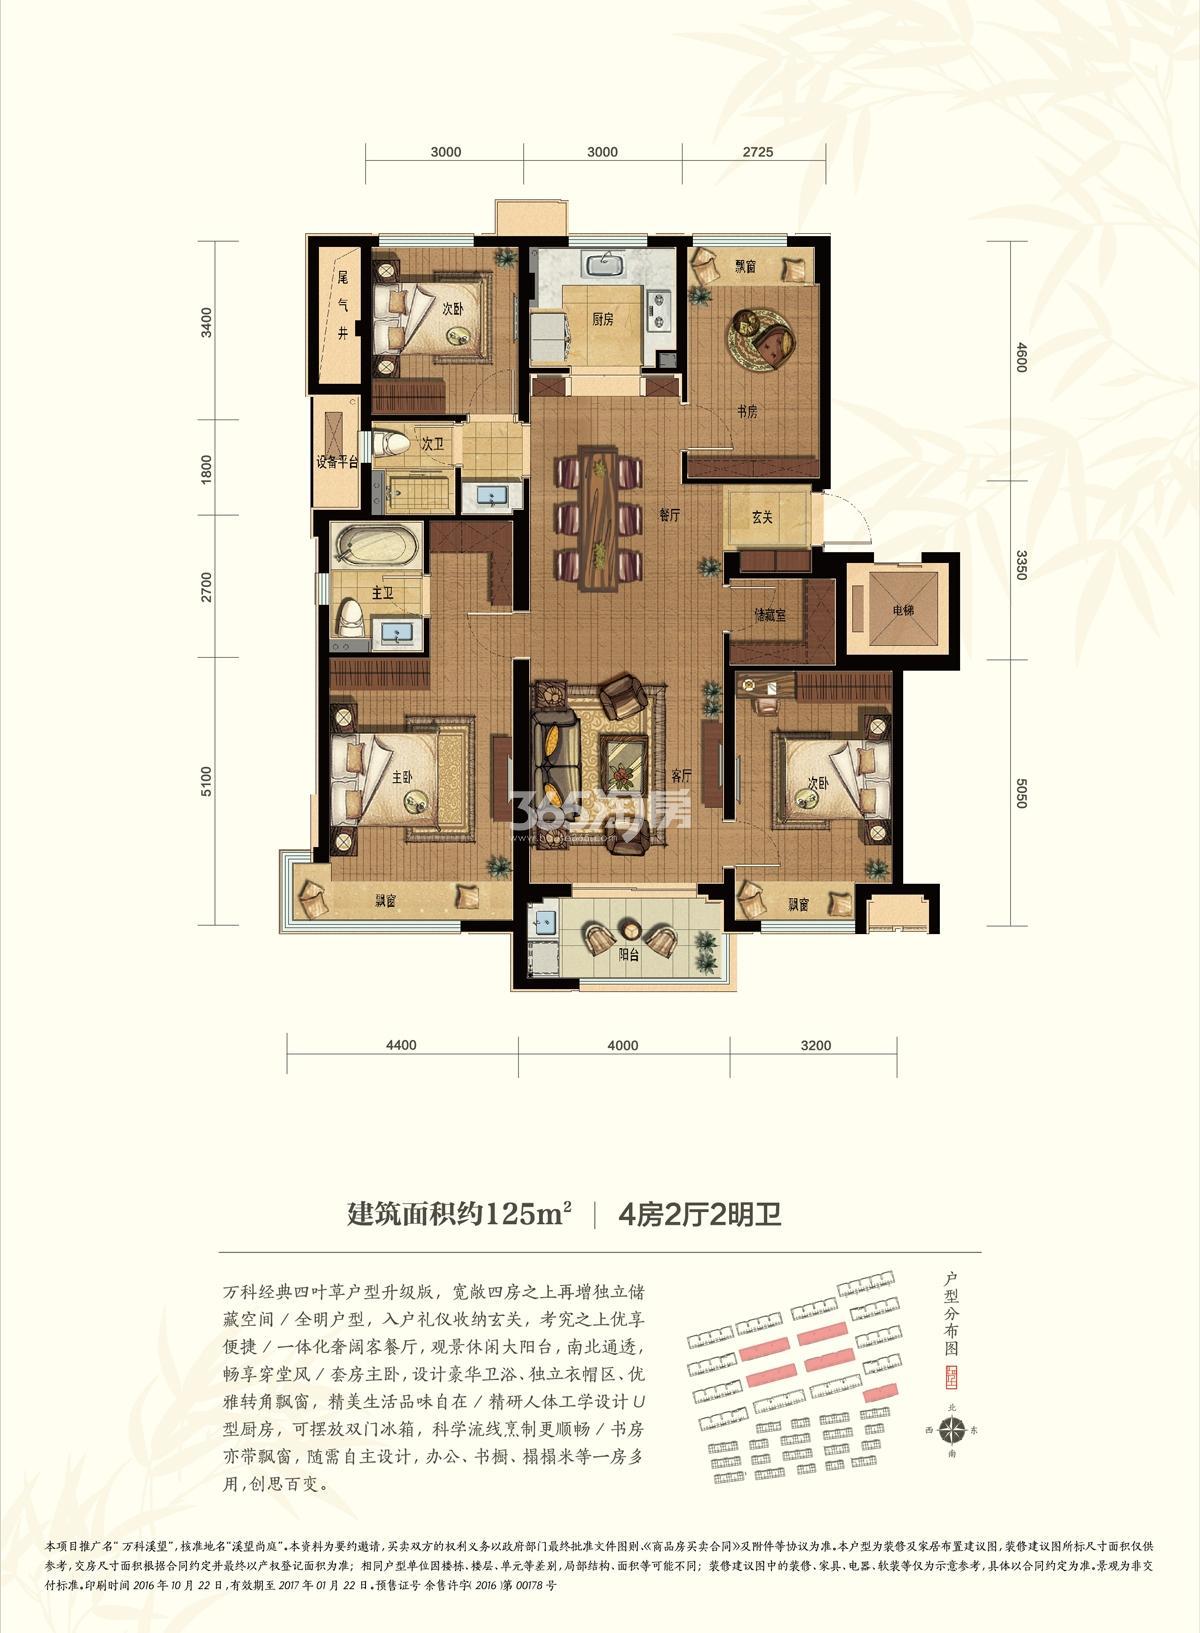 万科溪望洋房20、25-27号楼125方户型图